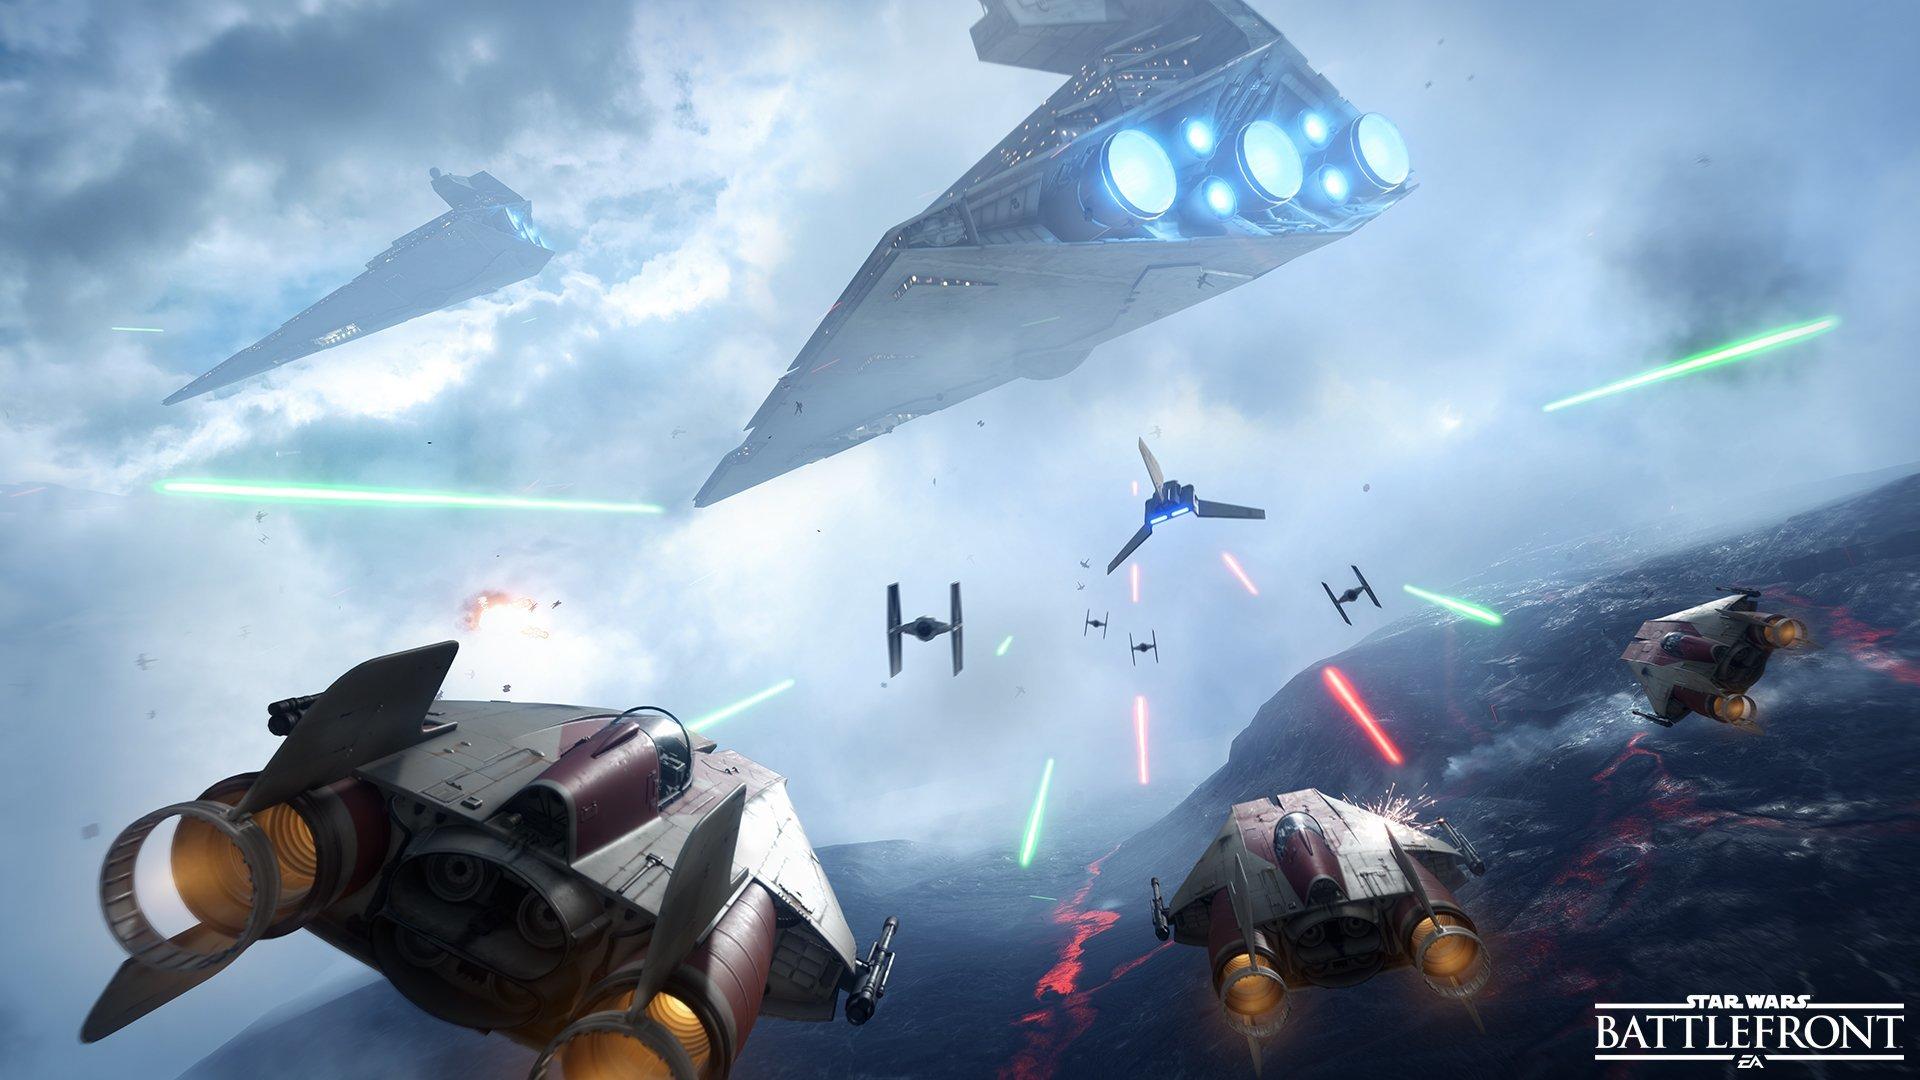 Star Wars Battlefront Wallpapers Hd For Desktop Backgrounds